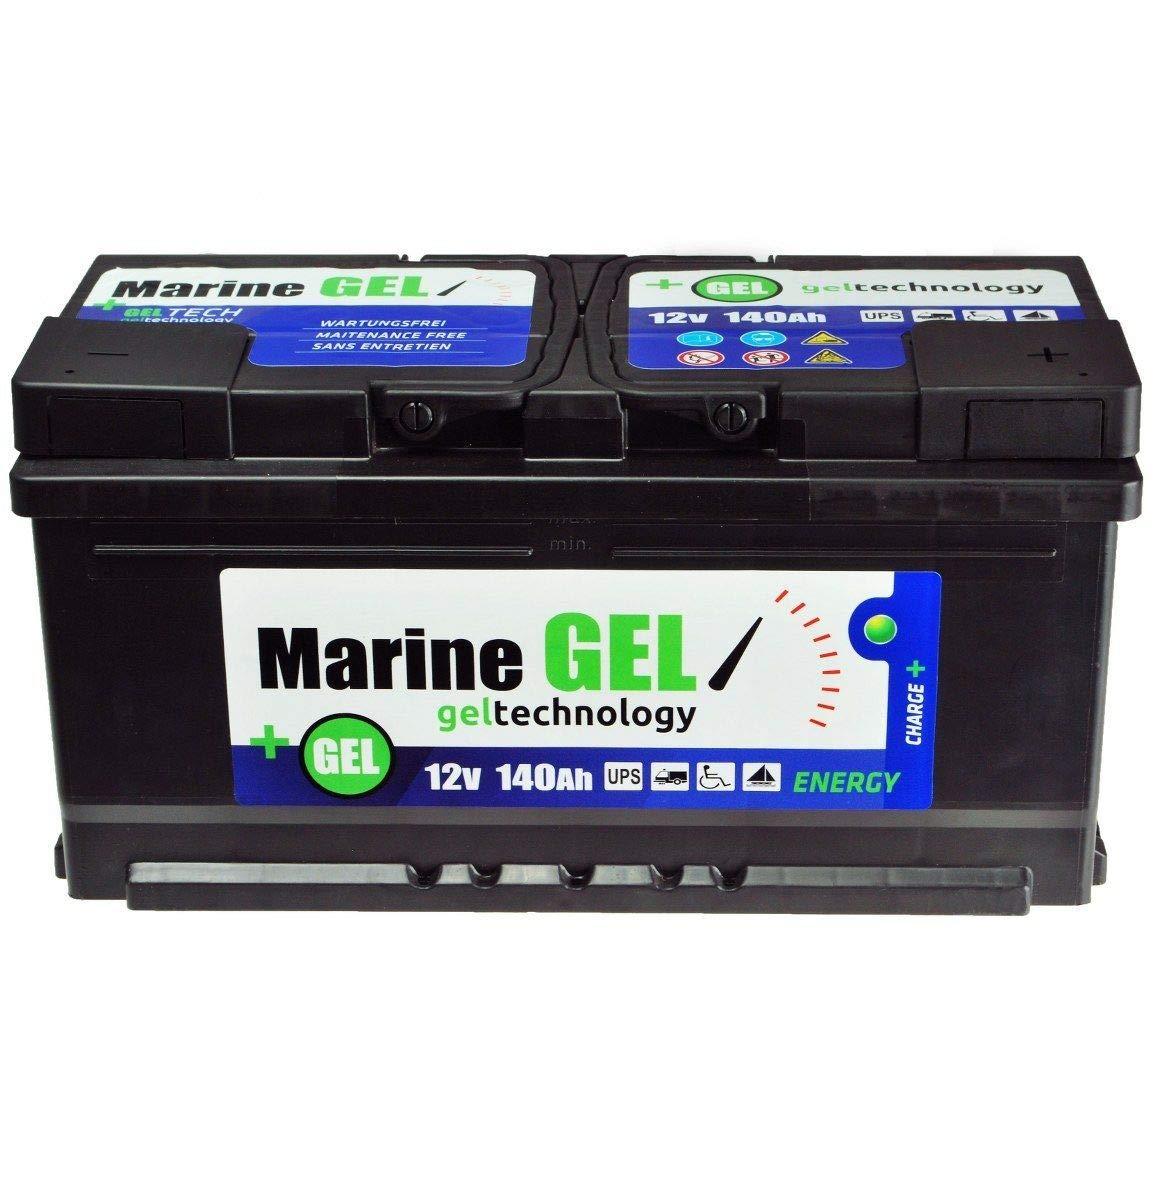 Gel battery, 140 Ah, boat battery, 12 V, supply battery, starter battery.